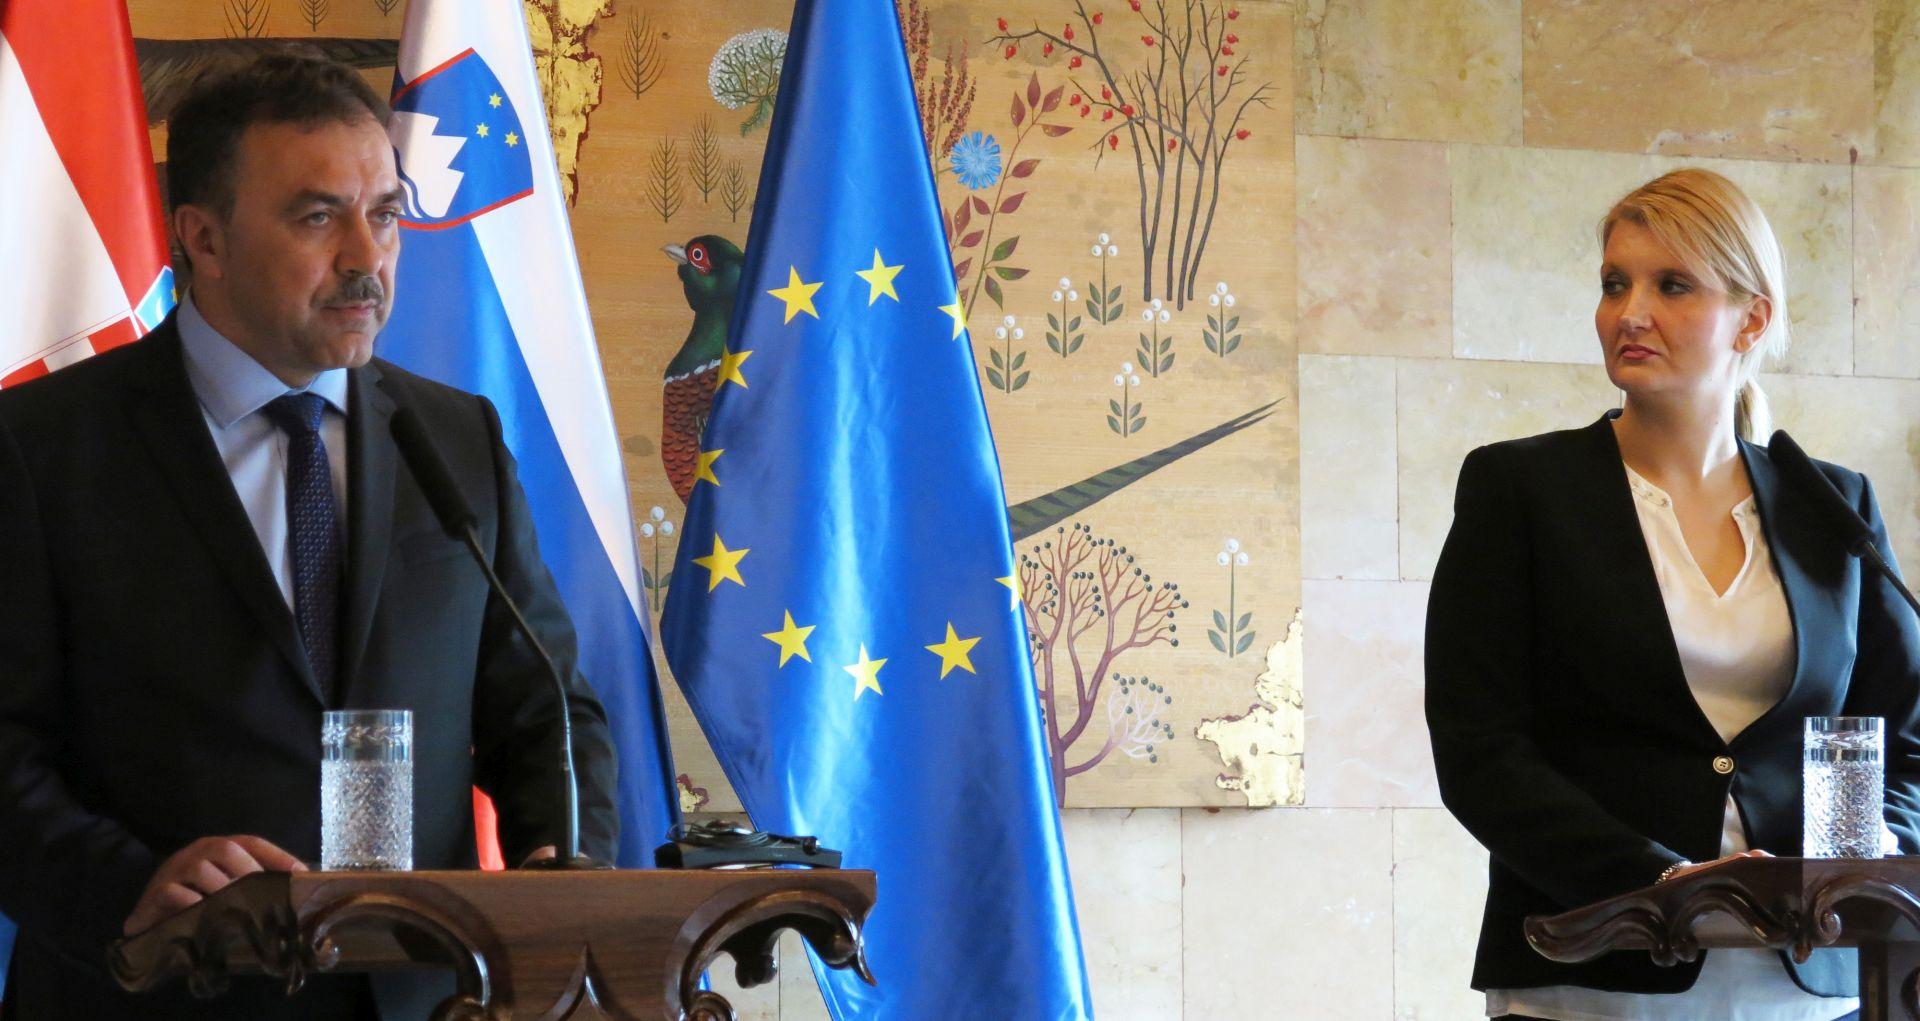 Slovenska ministrica smatra da je ženevska konvencija zastarjela